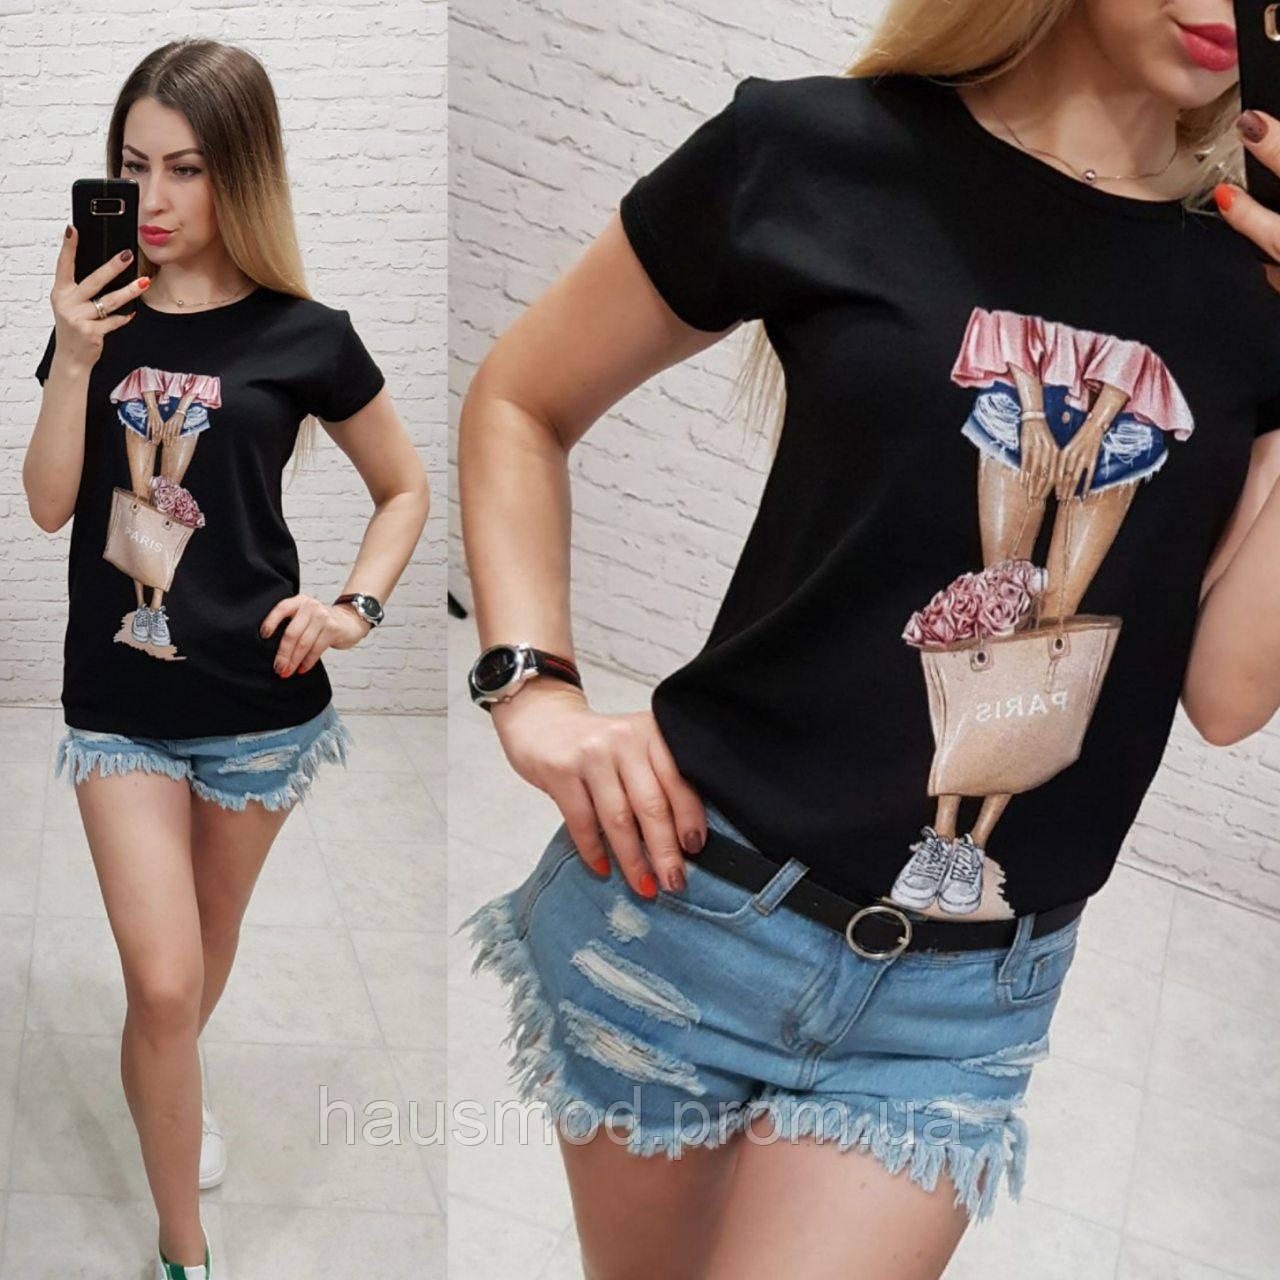 Женская футболка летняя рисунок Девочка качество турция 100% катон цвет черный